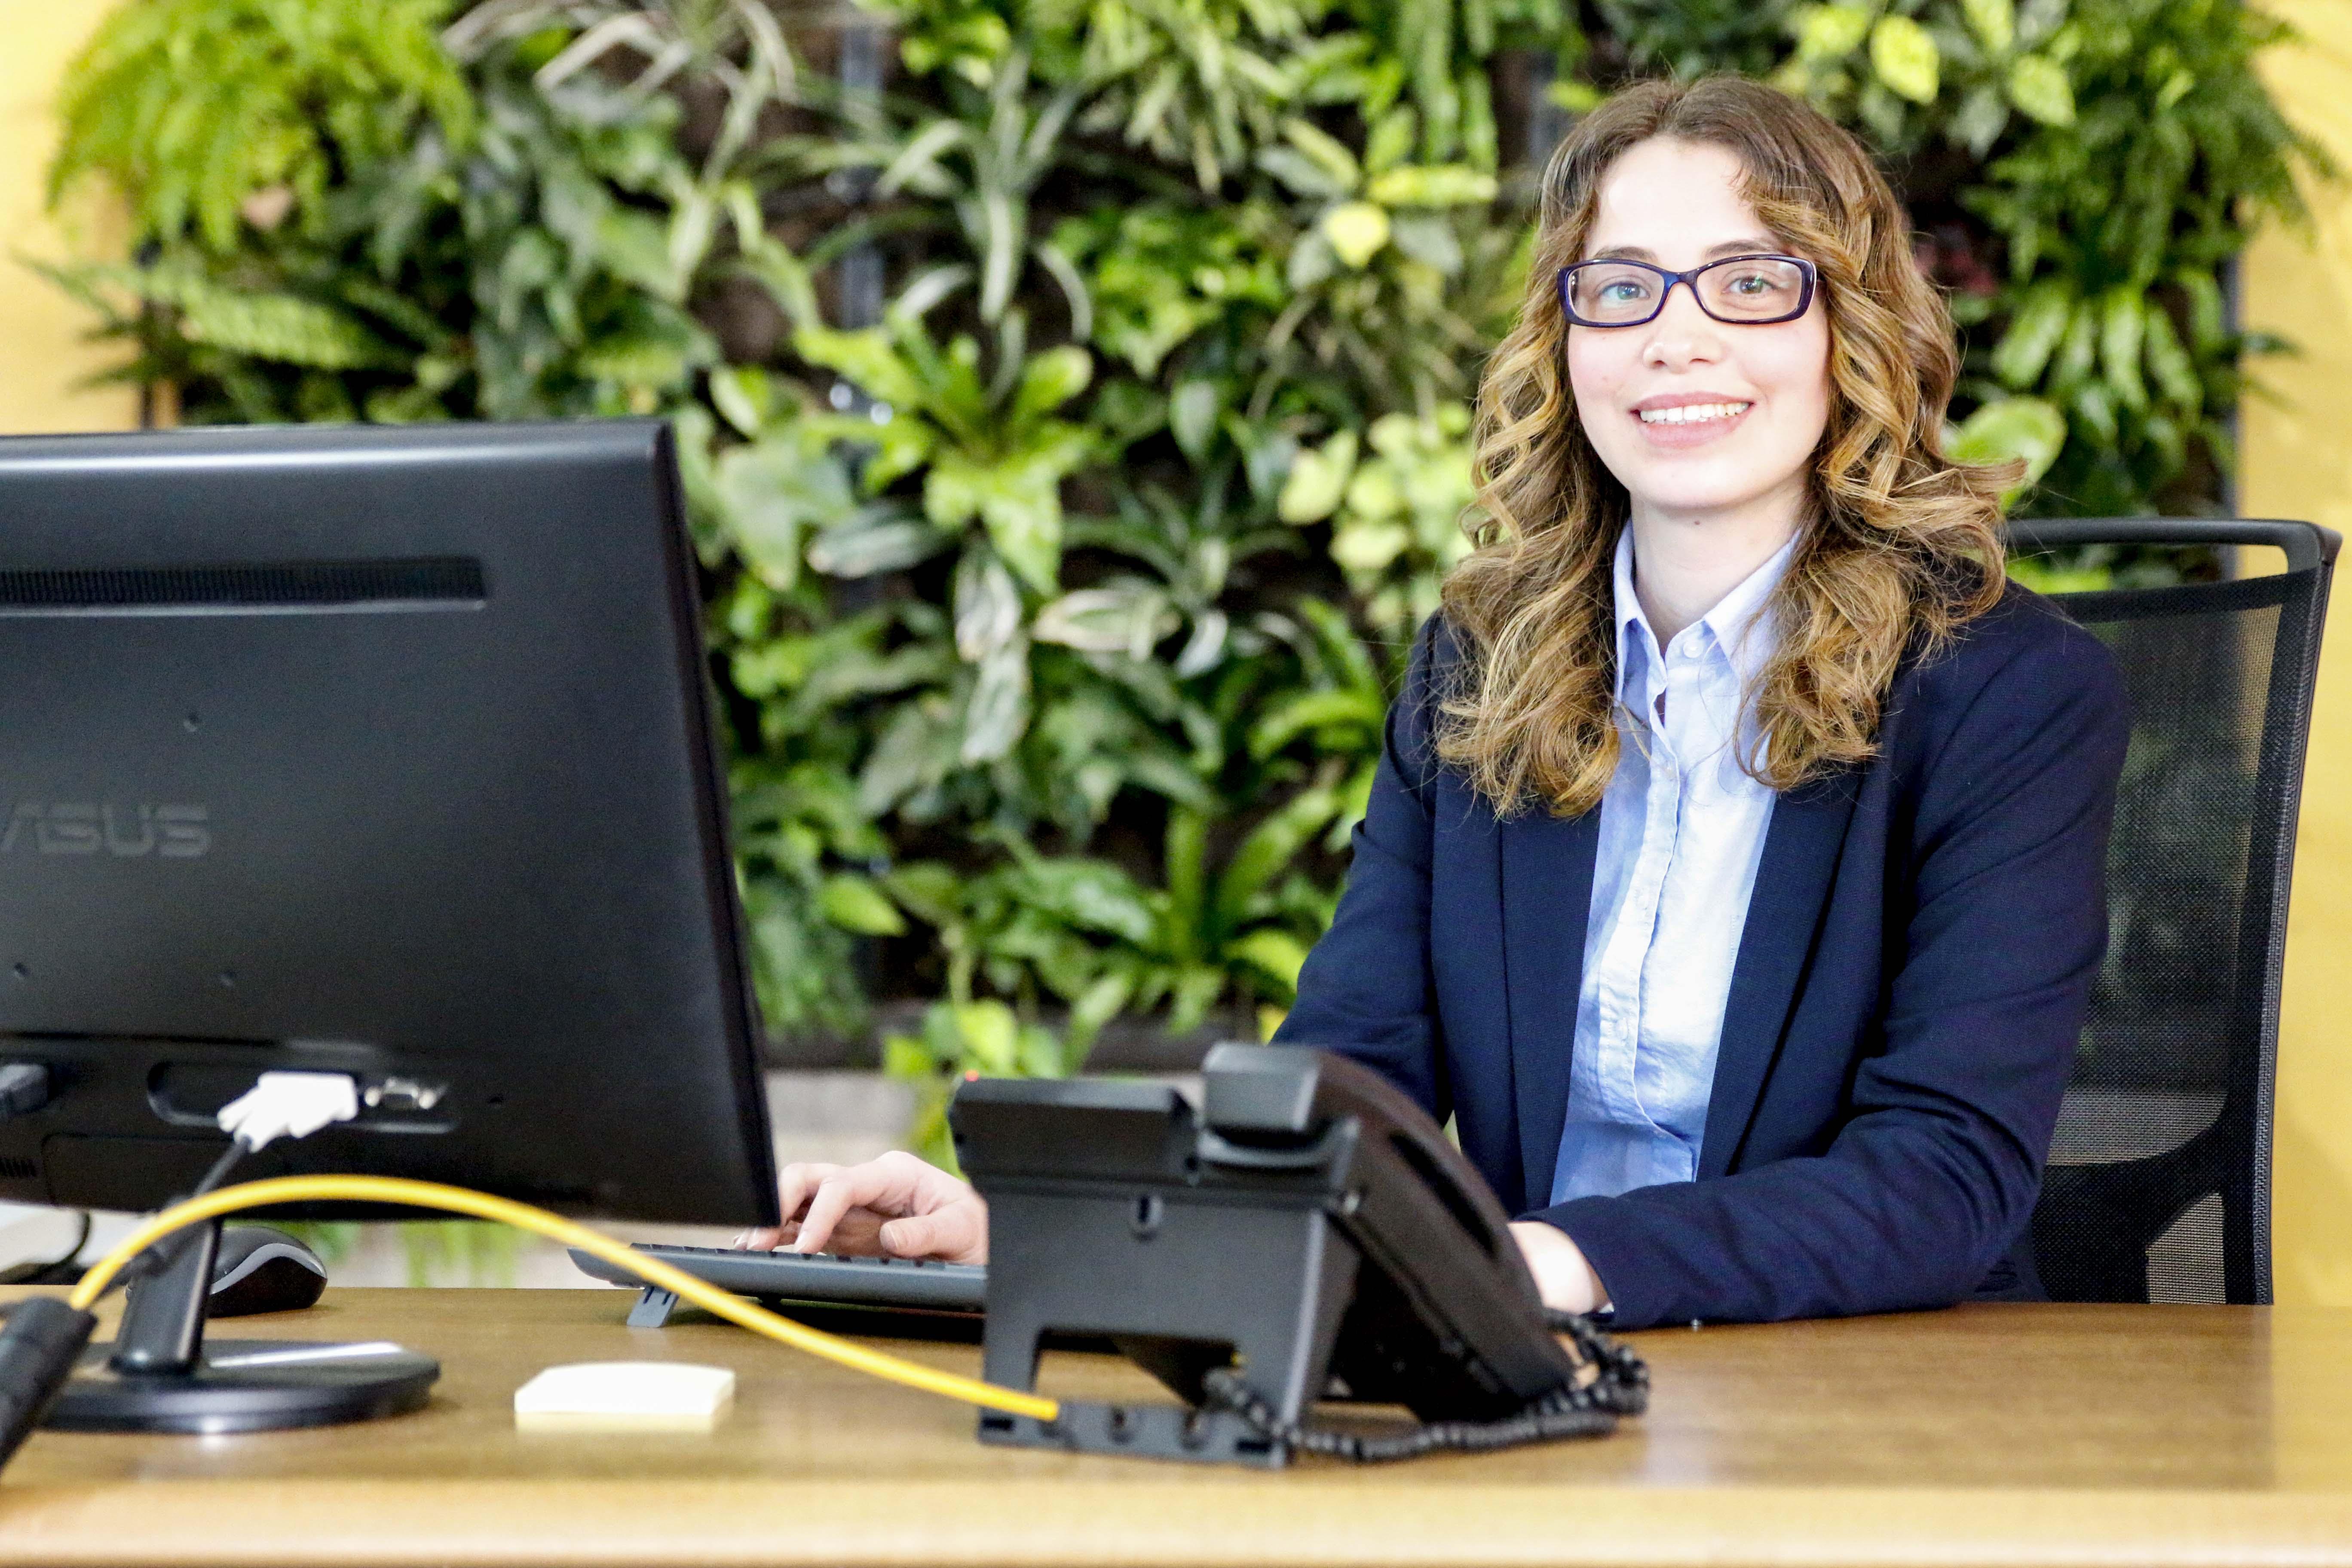 Laura Pongolini